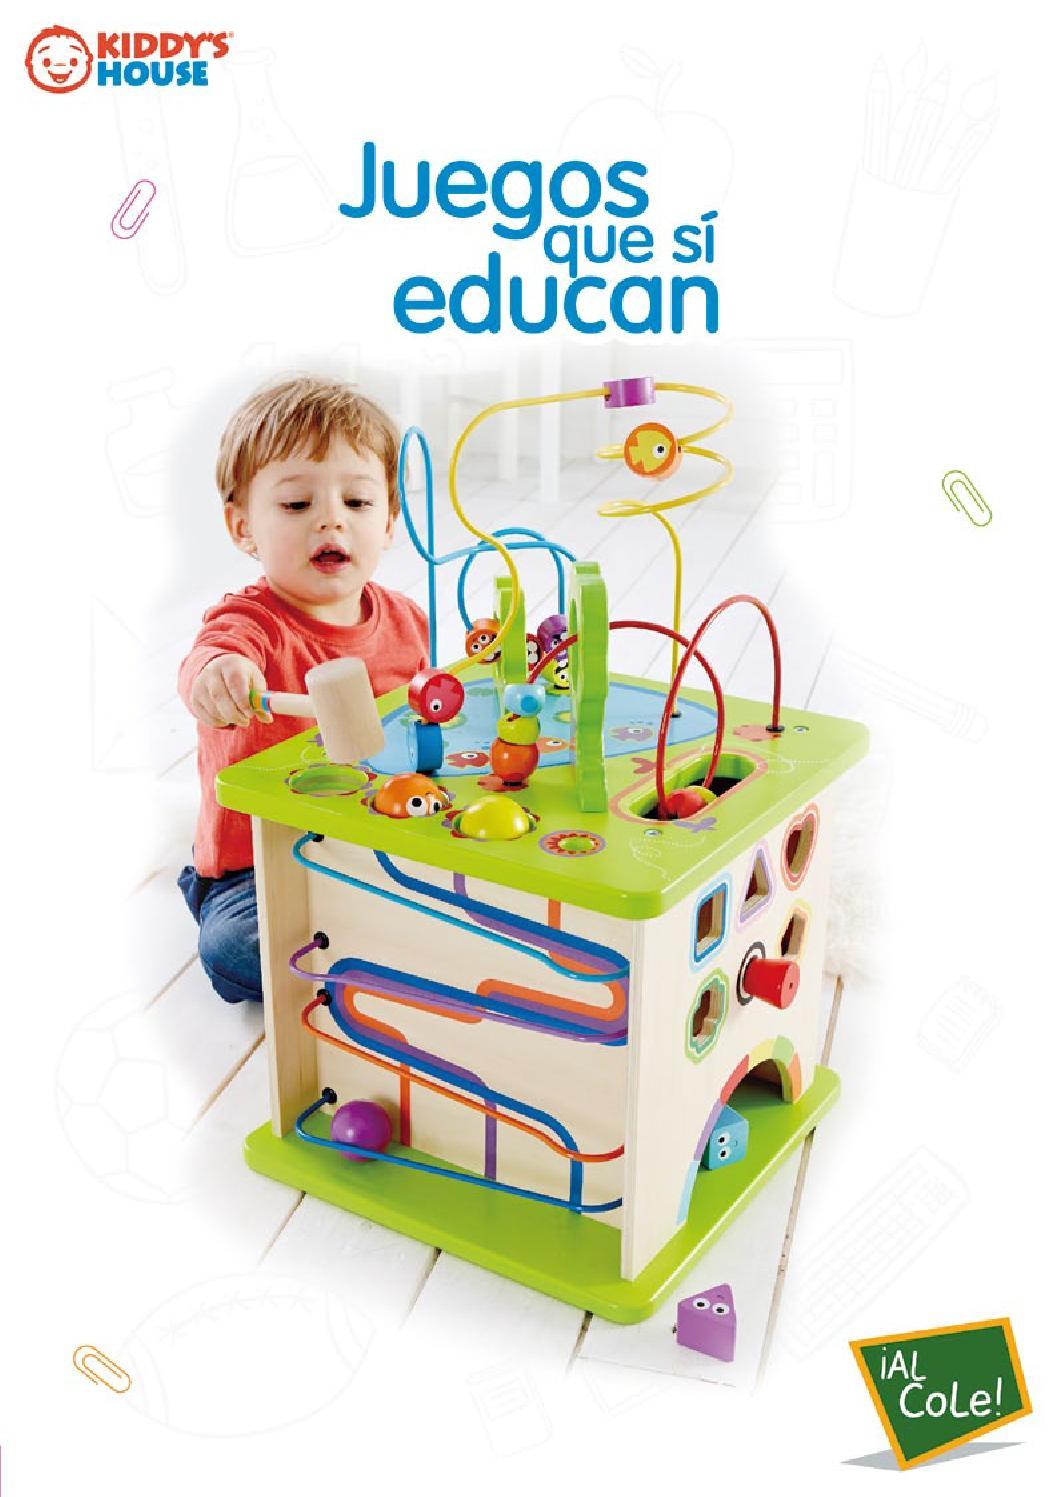 Развивающий деревянный куб для детей